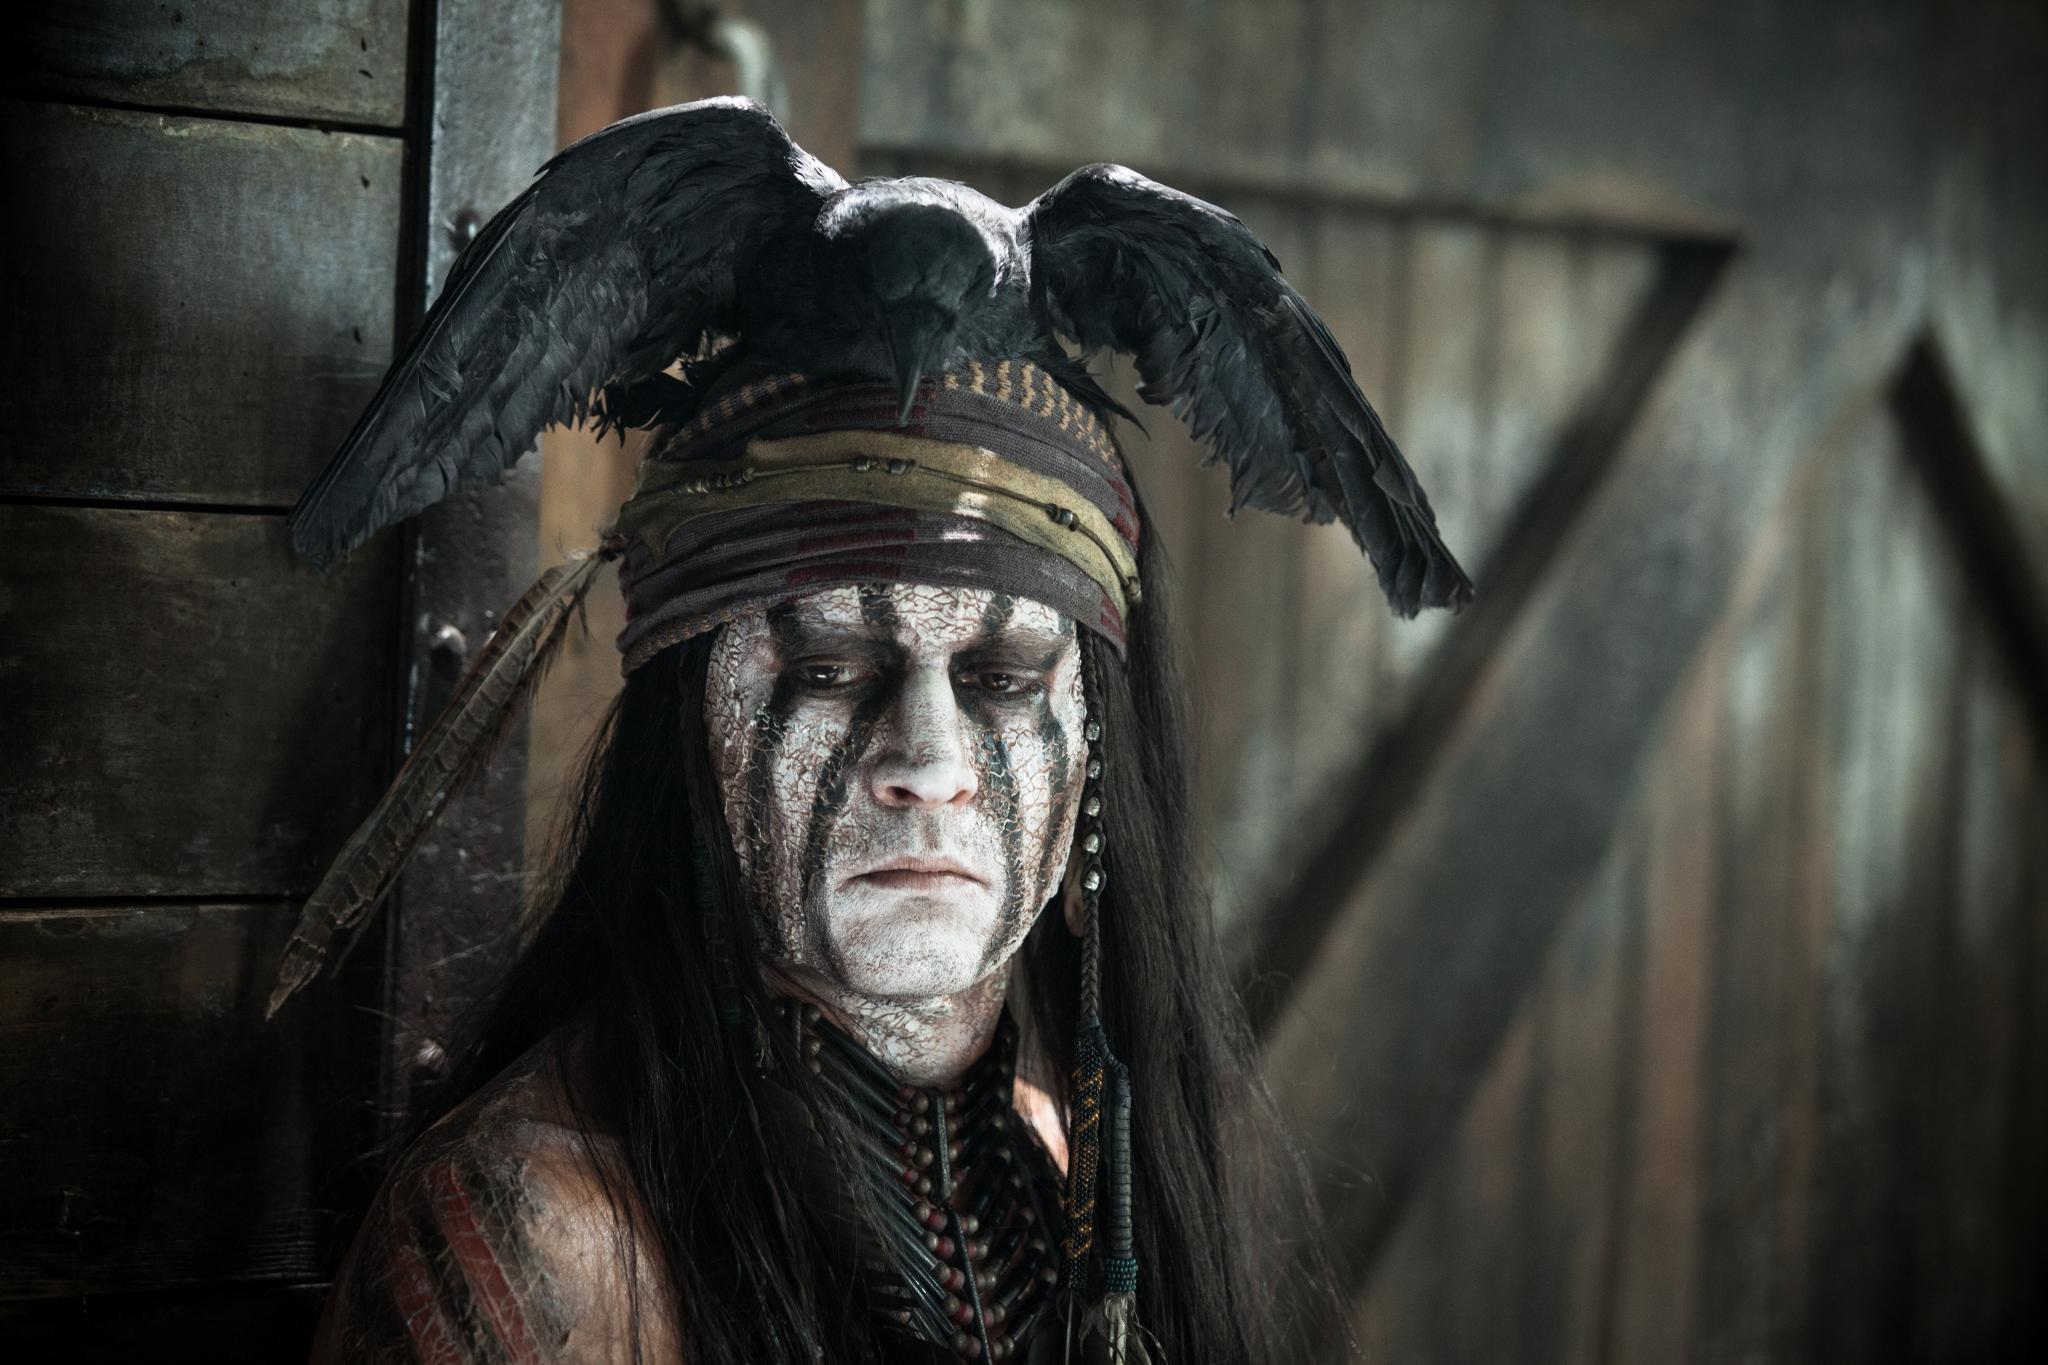 """Jetzt im Kino: In dem Western """"Lone Ranger"""" spielt Depp den Indianer Tonto. Zusammen mit seinem Freund (die Titelfigur wird dargestellt von Arnie Hammer) kämpft er gegen Korruption und für Gerechtigkeit."""